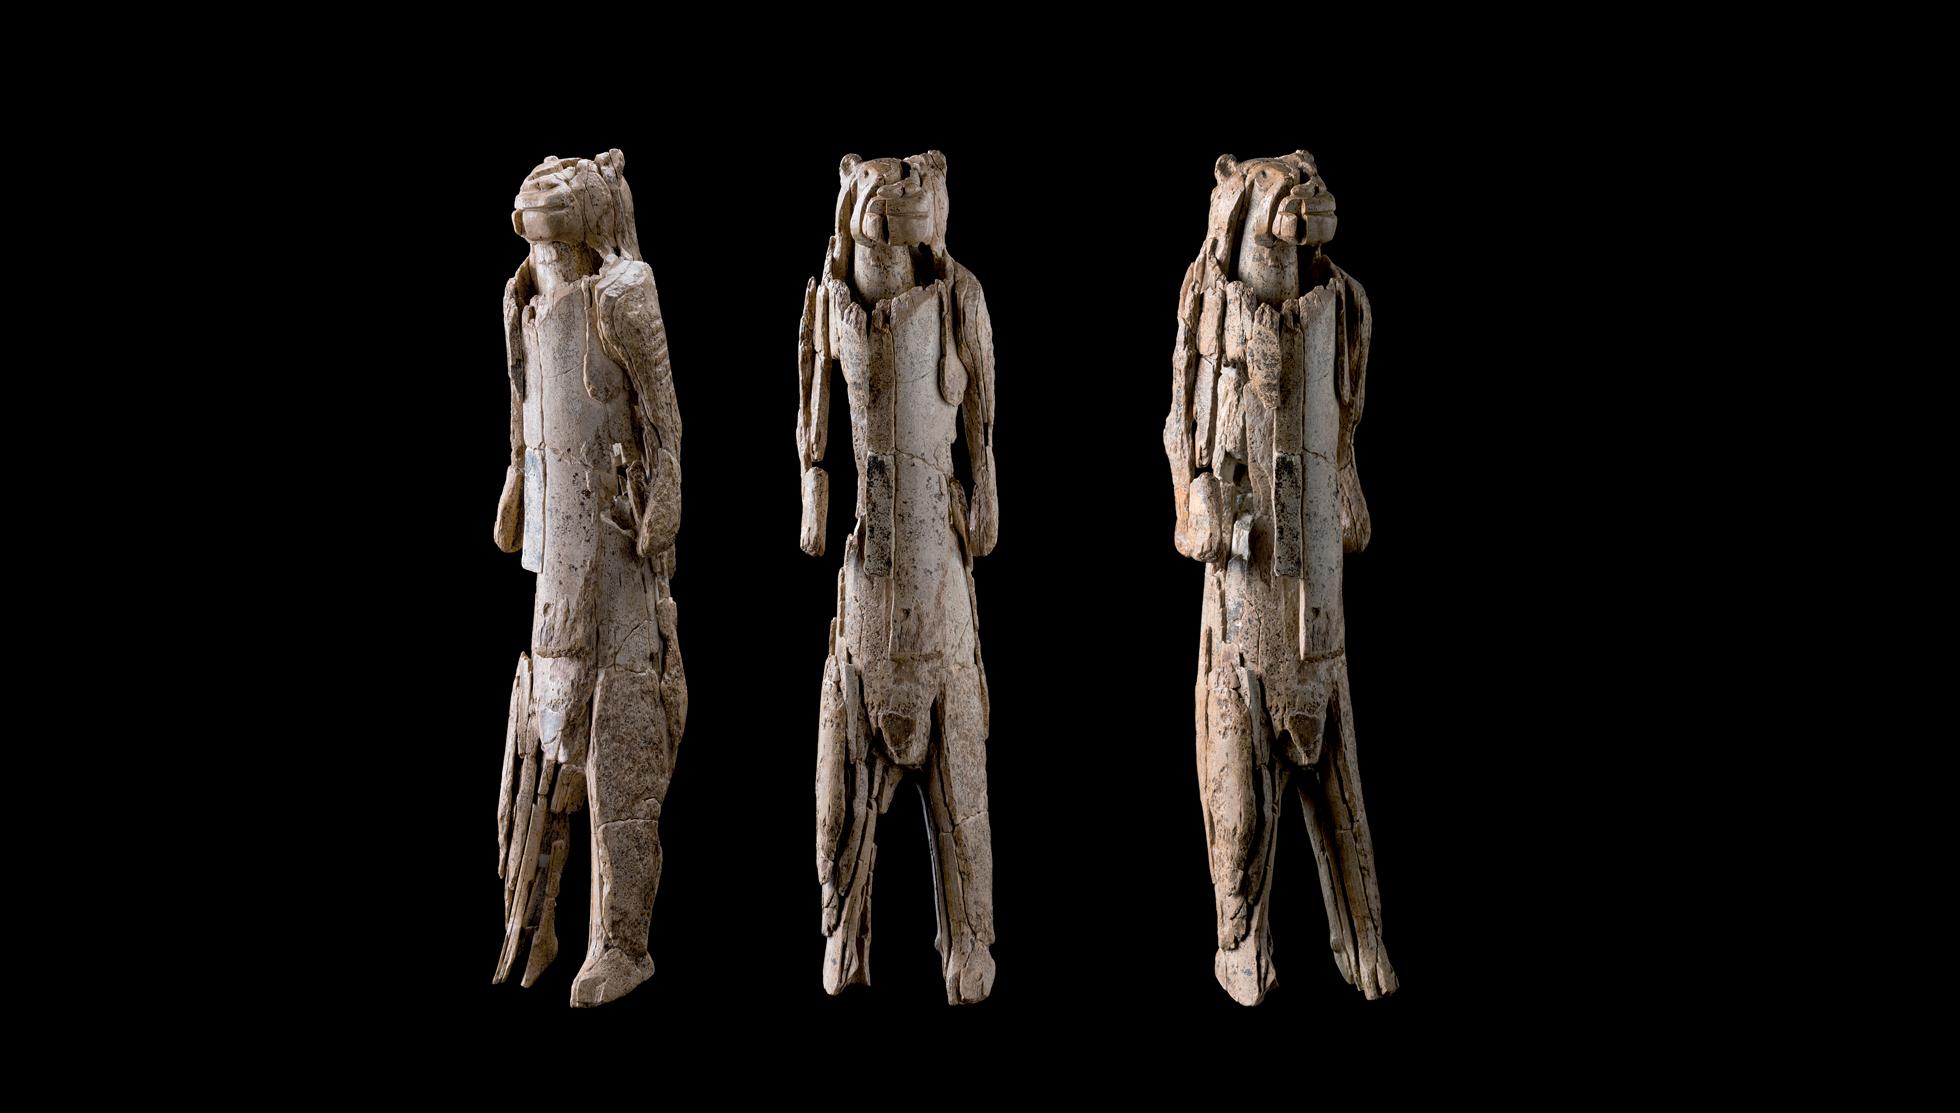 Lion-man-angles-Vergleich-drei-Ganzkörper-Ansichten